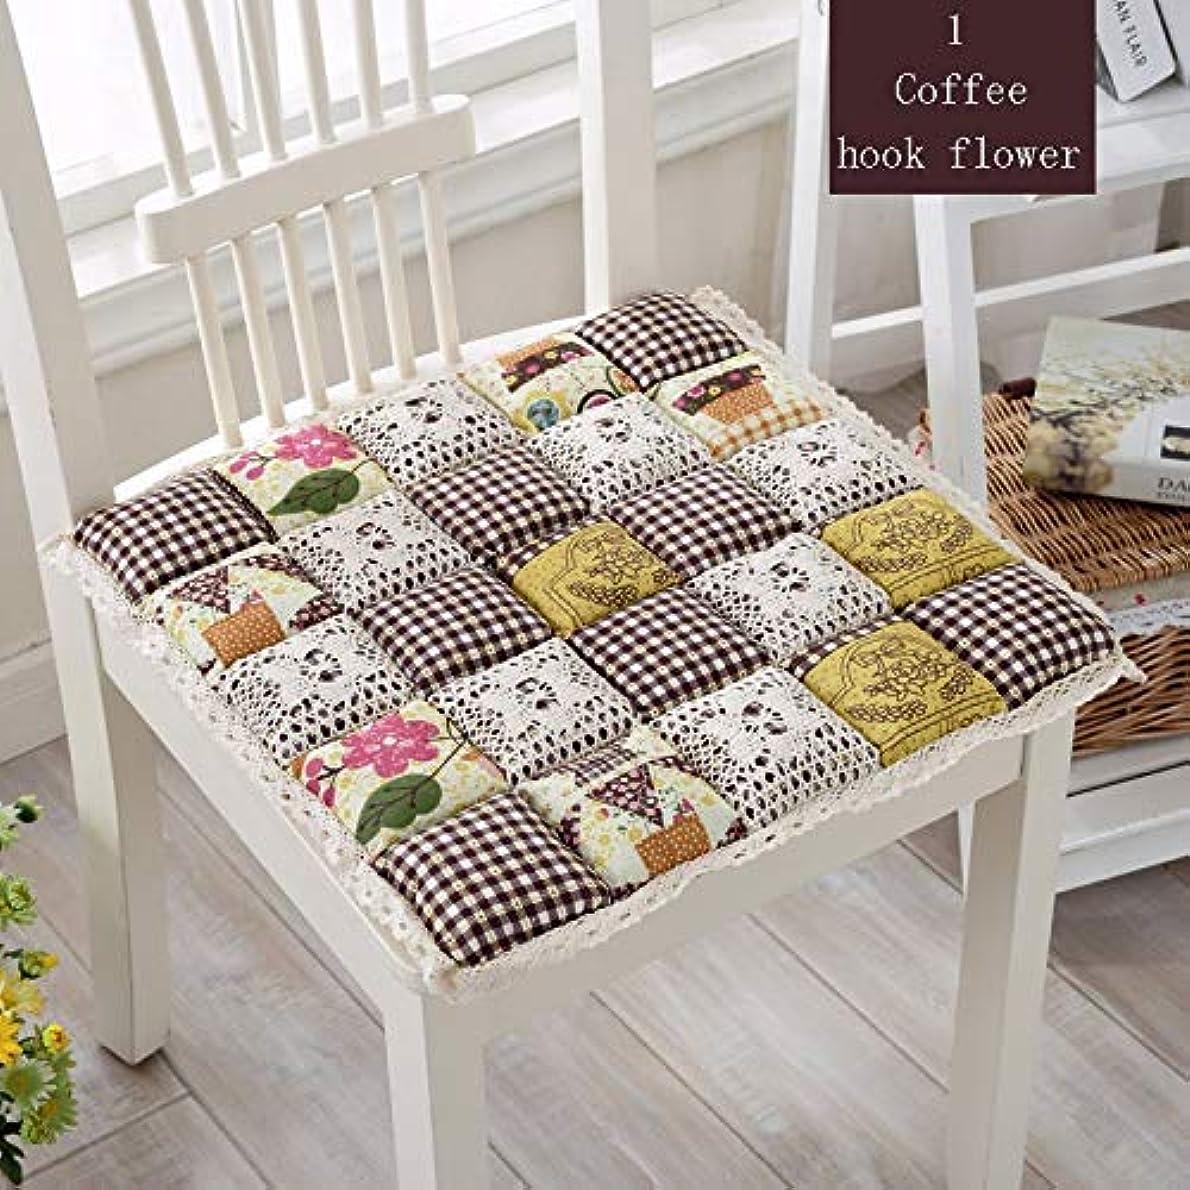 ボート材料地区LIFE 1 個抗褥瘡綿椅子クッション 24 色ファッションオフィス正方形クッション学生チェアクッション家の装飾厚み クッション 椅子